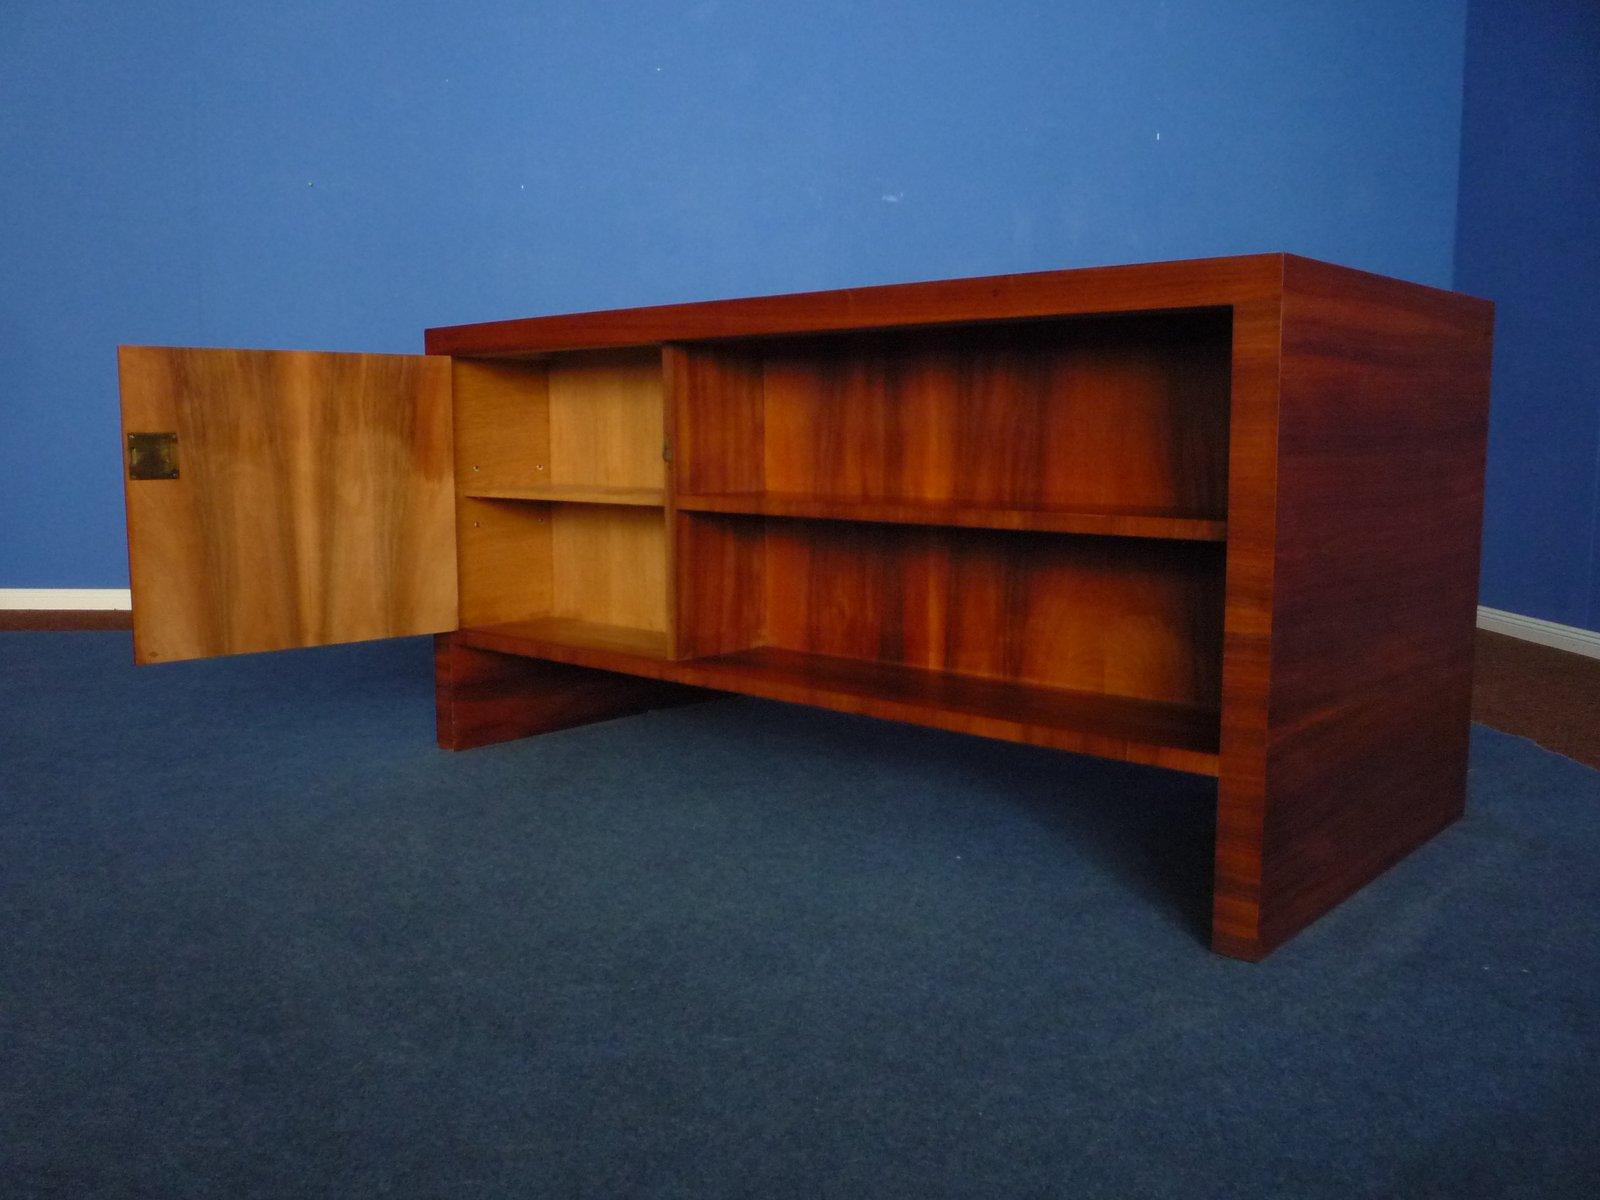 deutscher bauhaus walnuss schreibtisch 1930er bei pamono. Black Bedroom Furniture Sets. Home Design Ideas